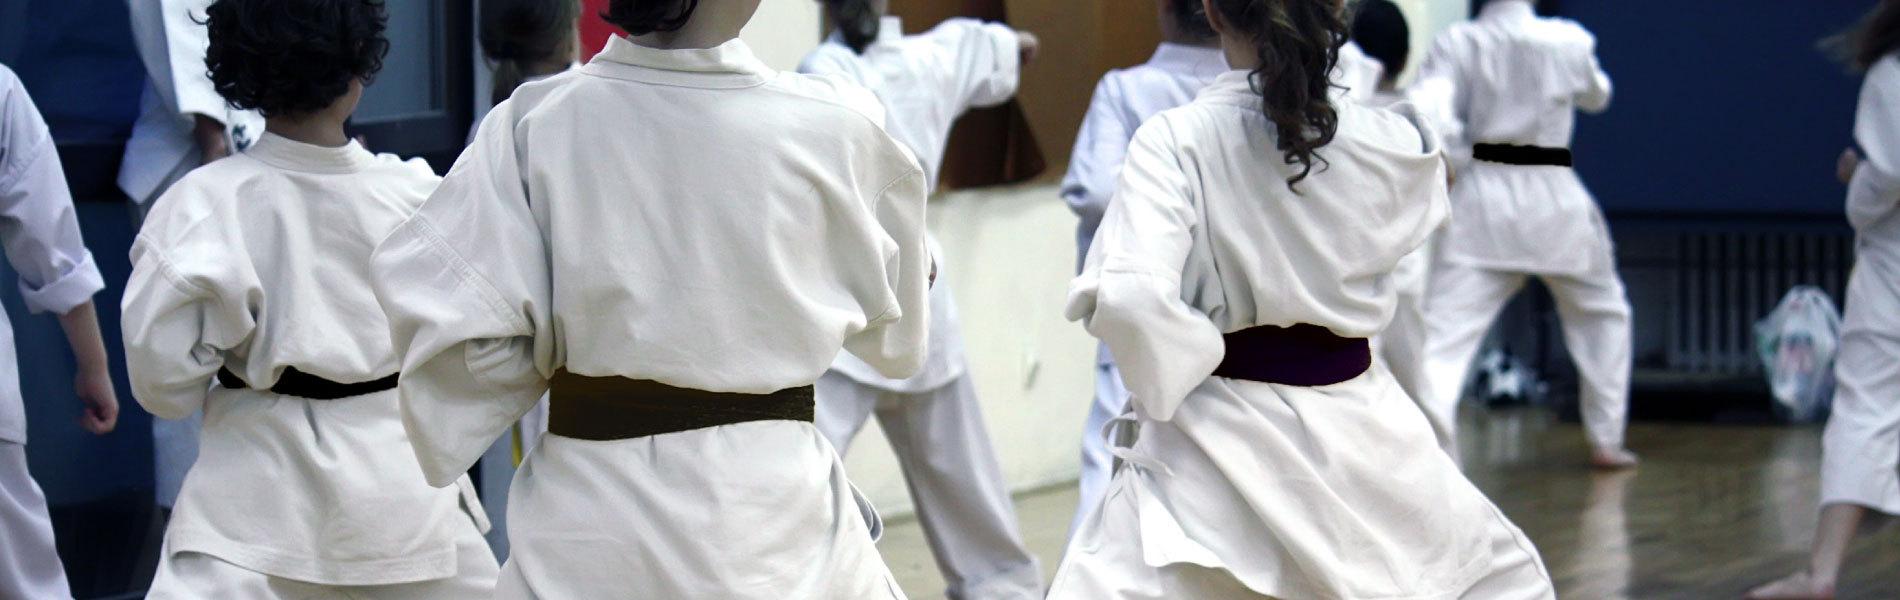 Building_Successful_Martial_Arts_After_School_Programs_1900x600.jpg